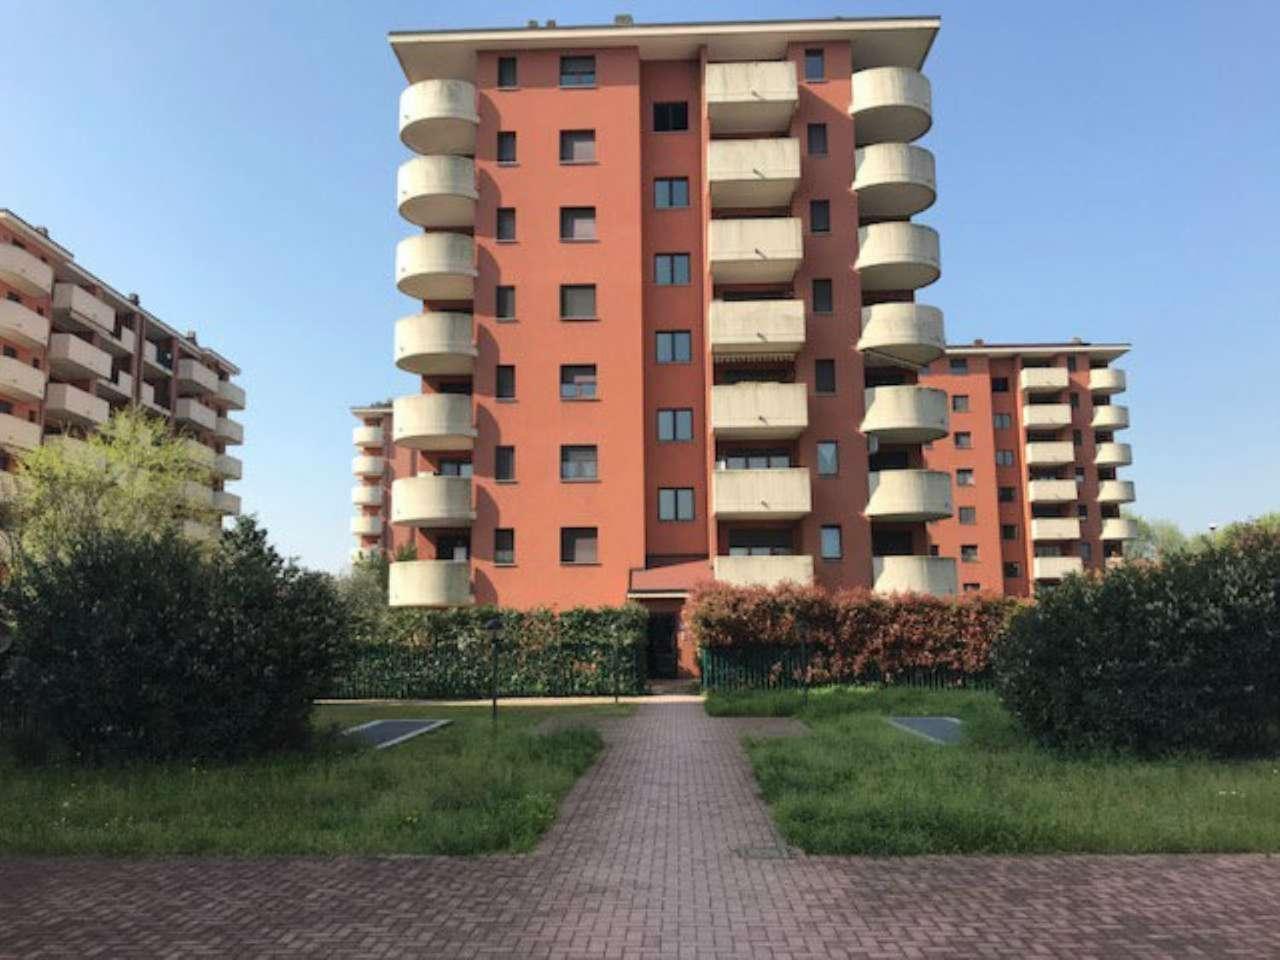 Appartamento in vendita a Busto Arsizio, 2 locali, prezzo € 78.500   PortaleAgenzieImmobiliari.it